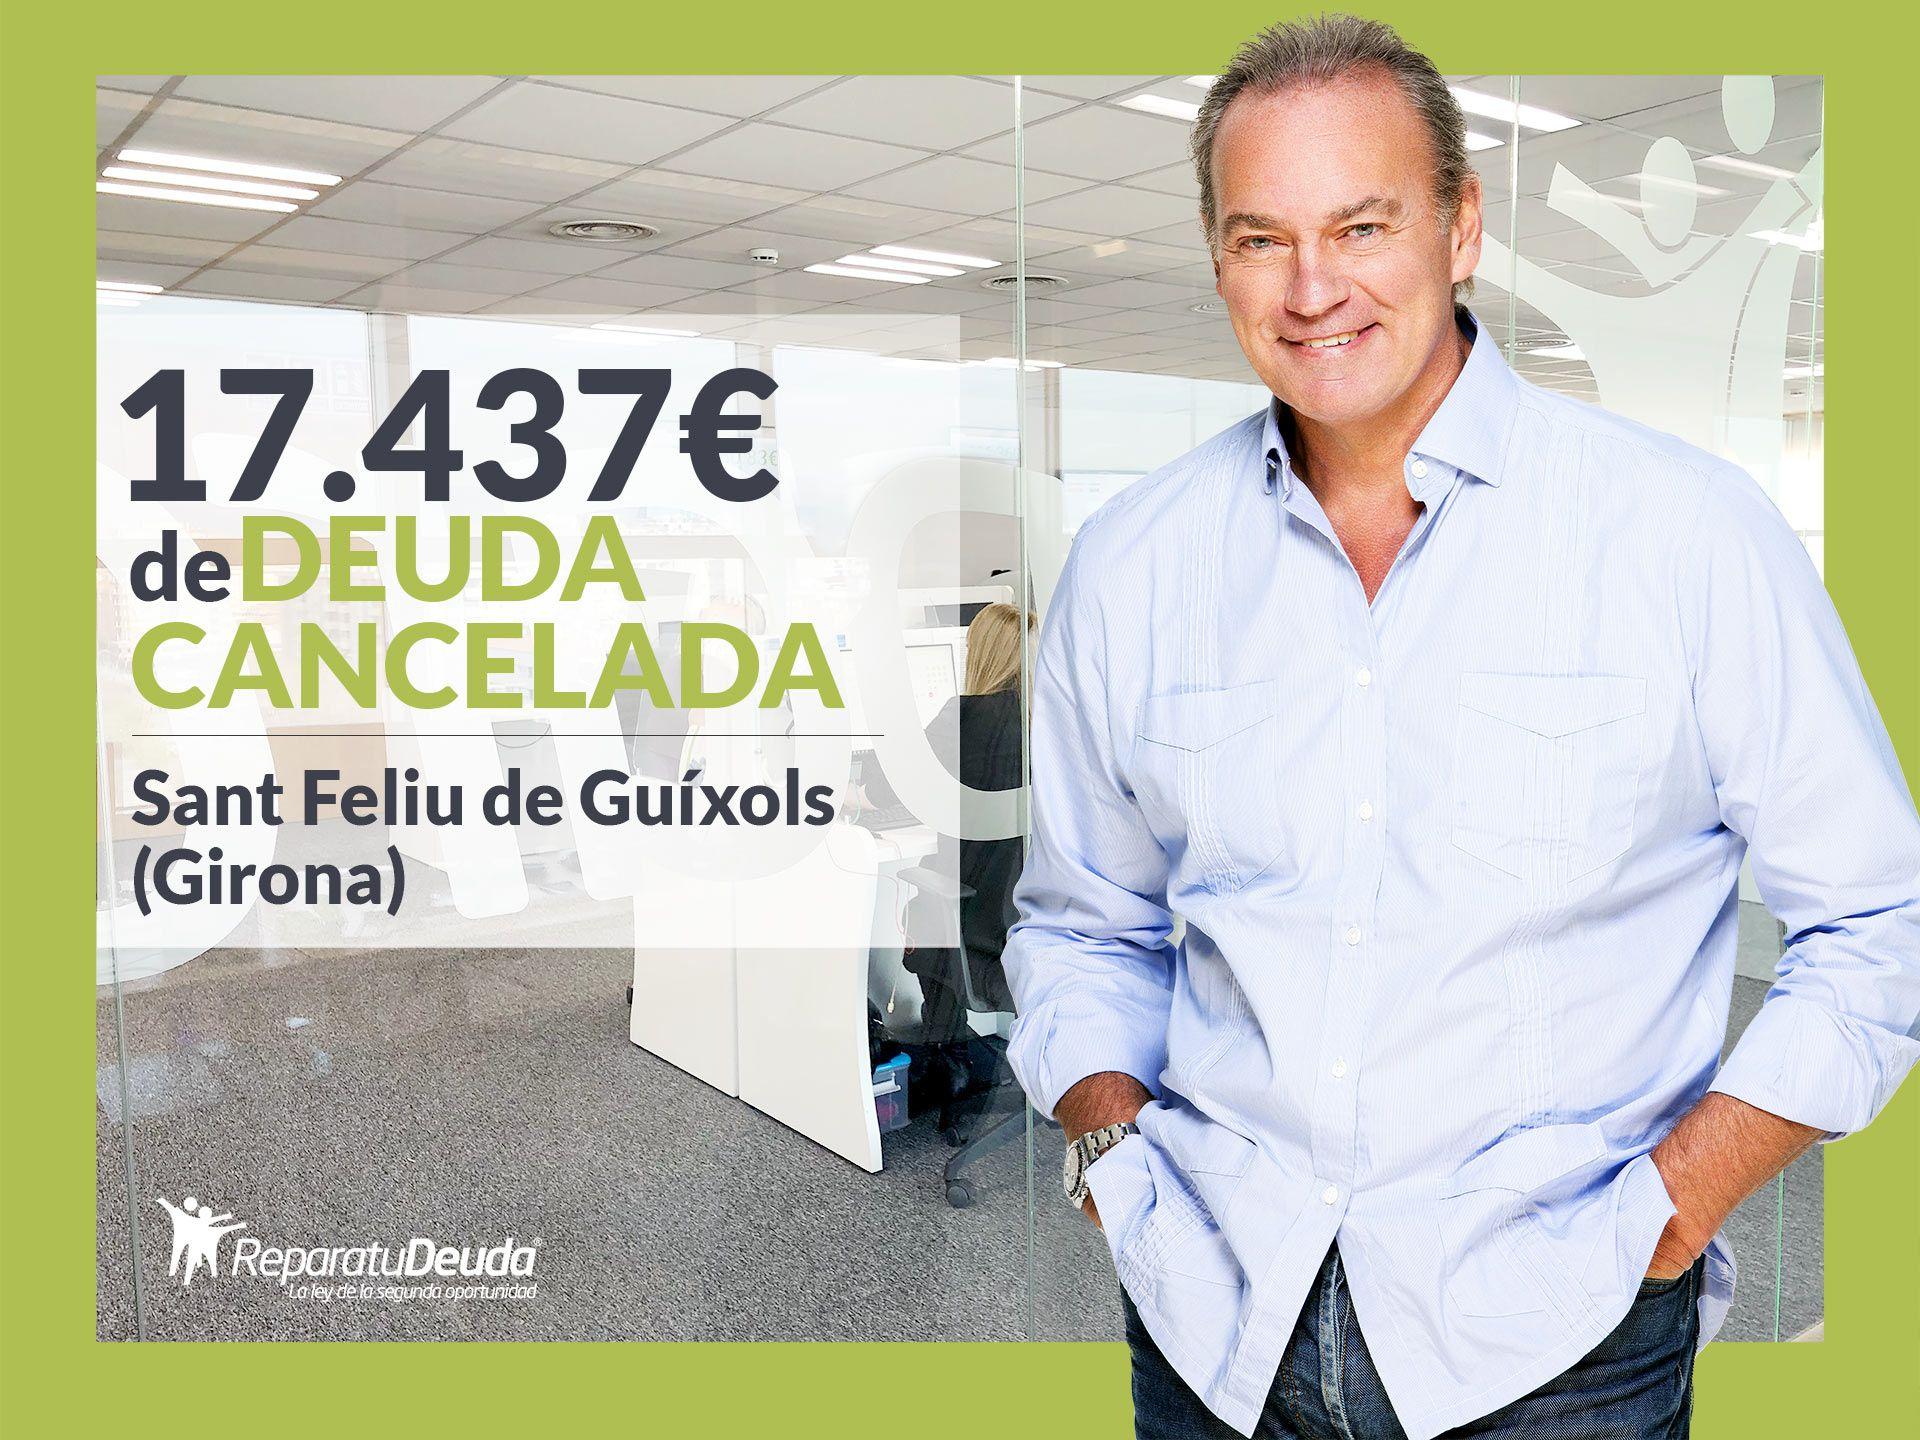 Repara tu Deuda cancela 17.437€ en Sant Feliu de Guíxols (Girona) con la Ley de Segunda Oportunidad